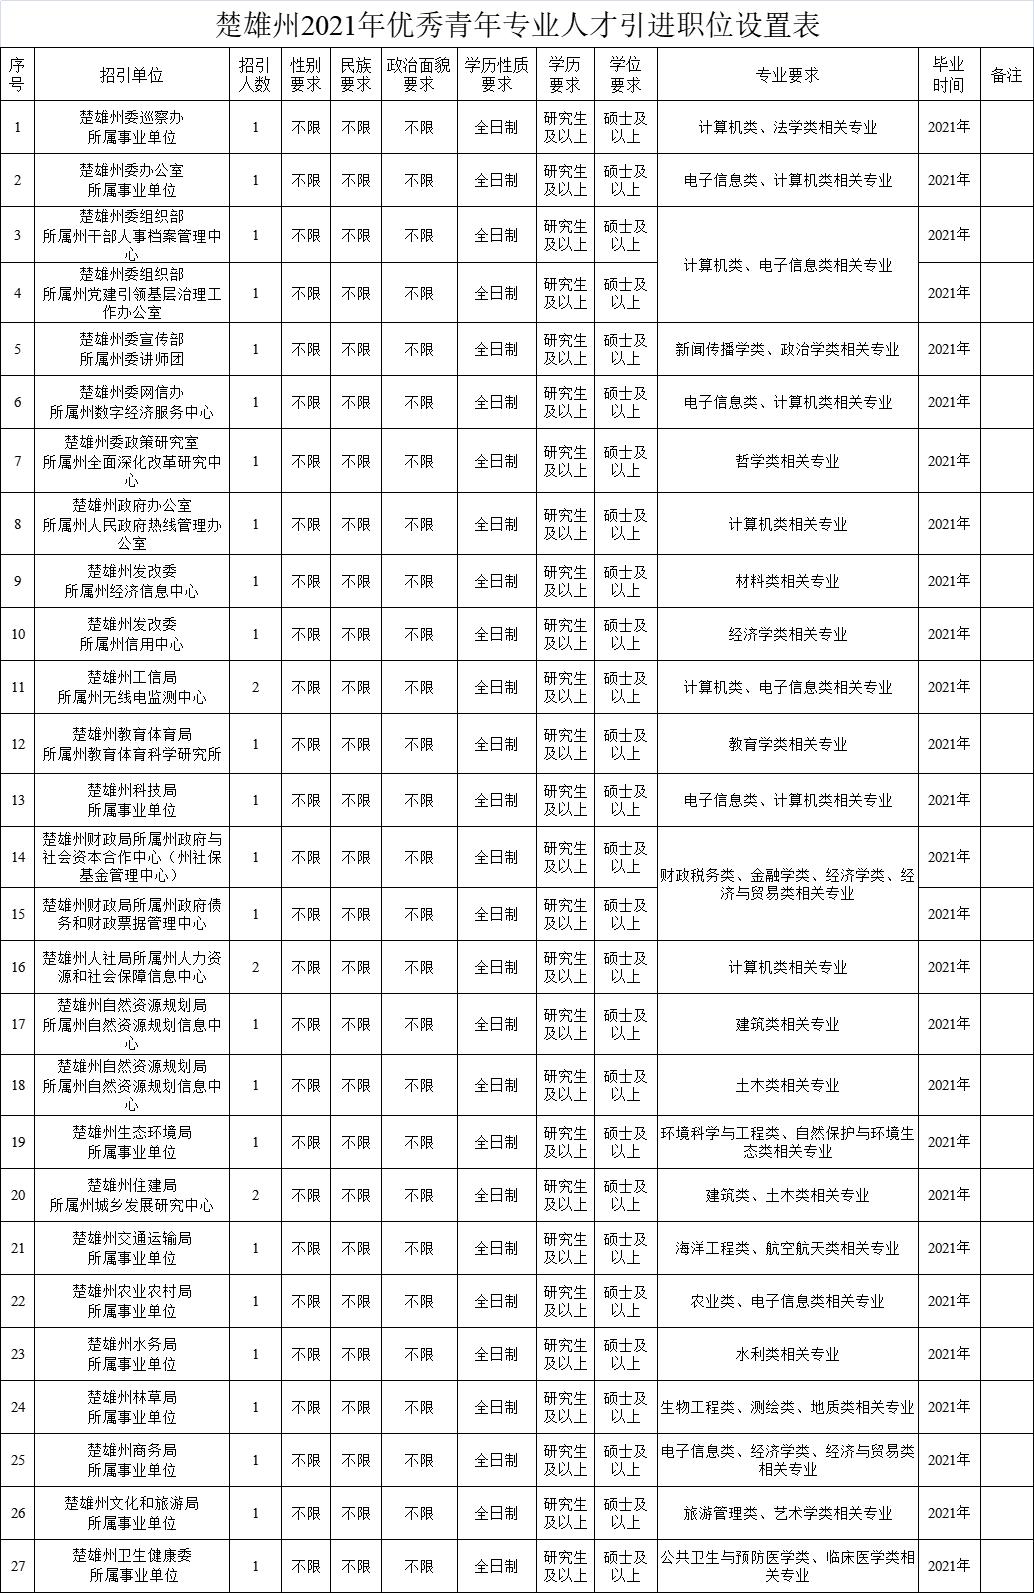 云南多地发布人才招引计划!岗位表→图片